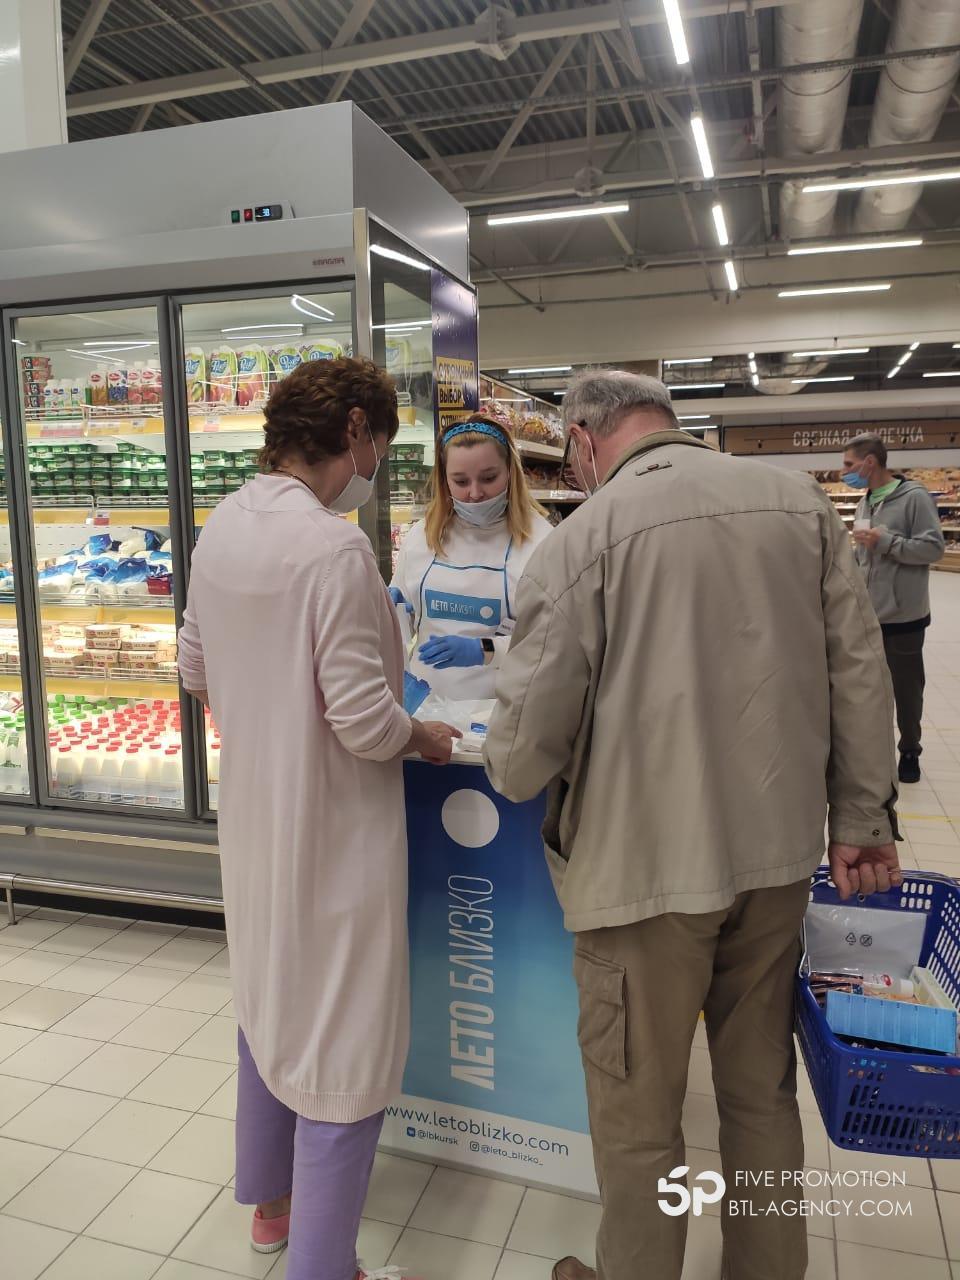 , Дегустация «Лето Близко» (Курское молоко) в сети гипермаркетов Лента